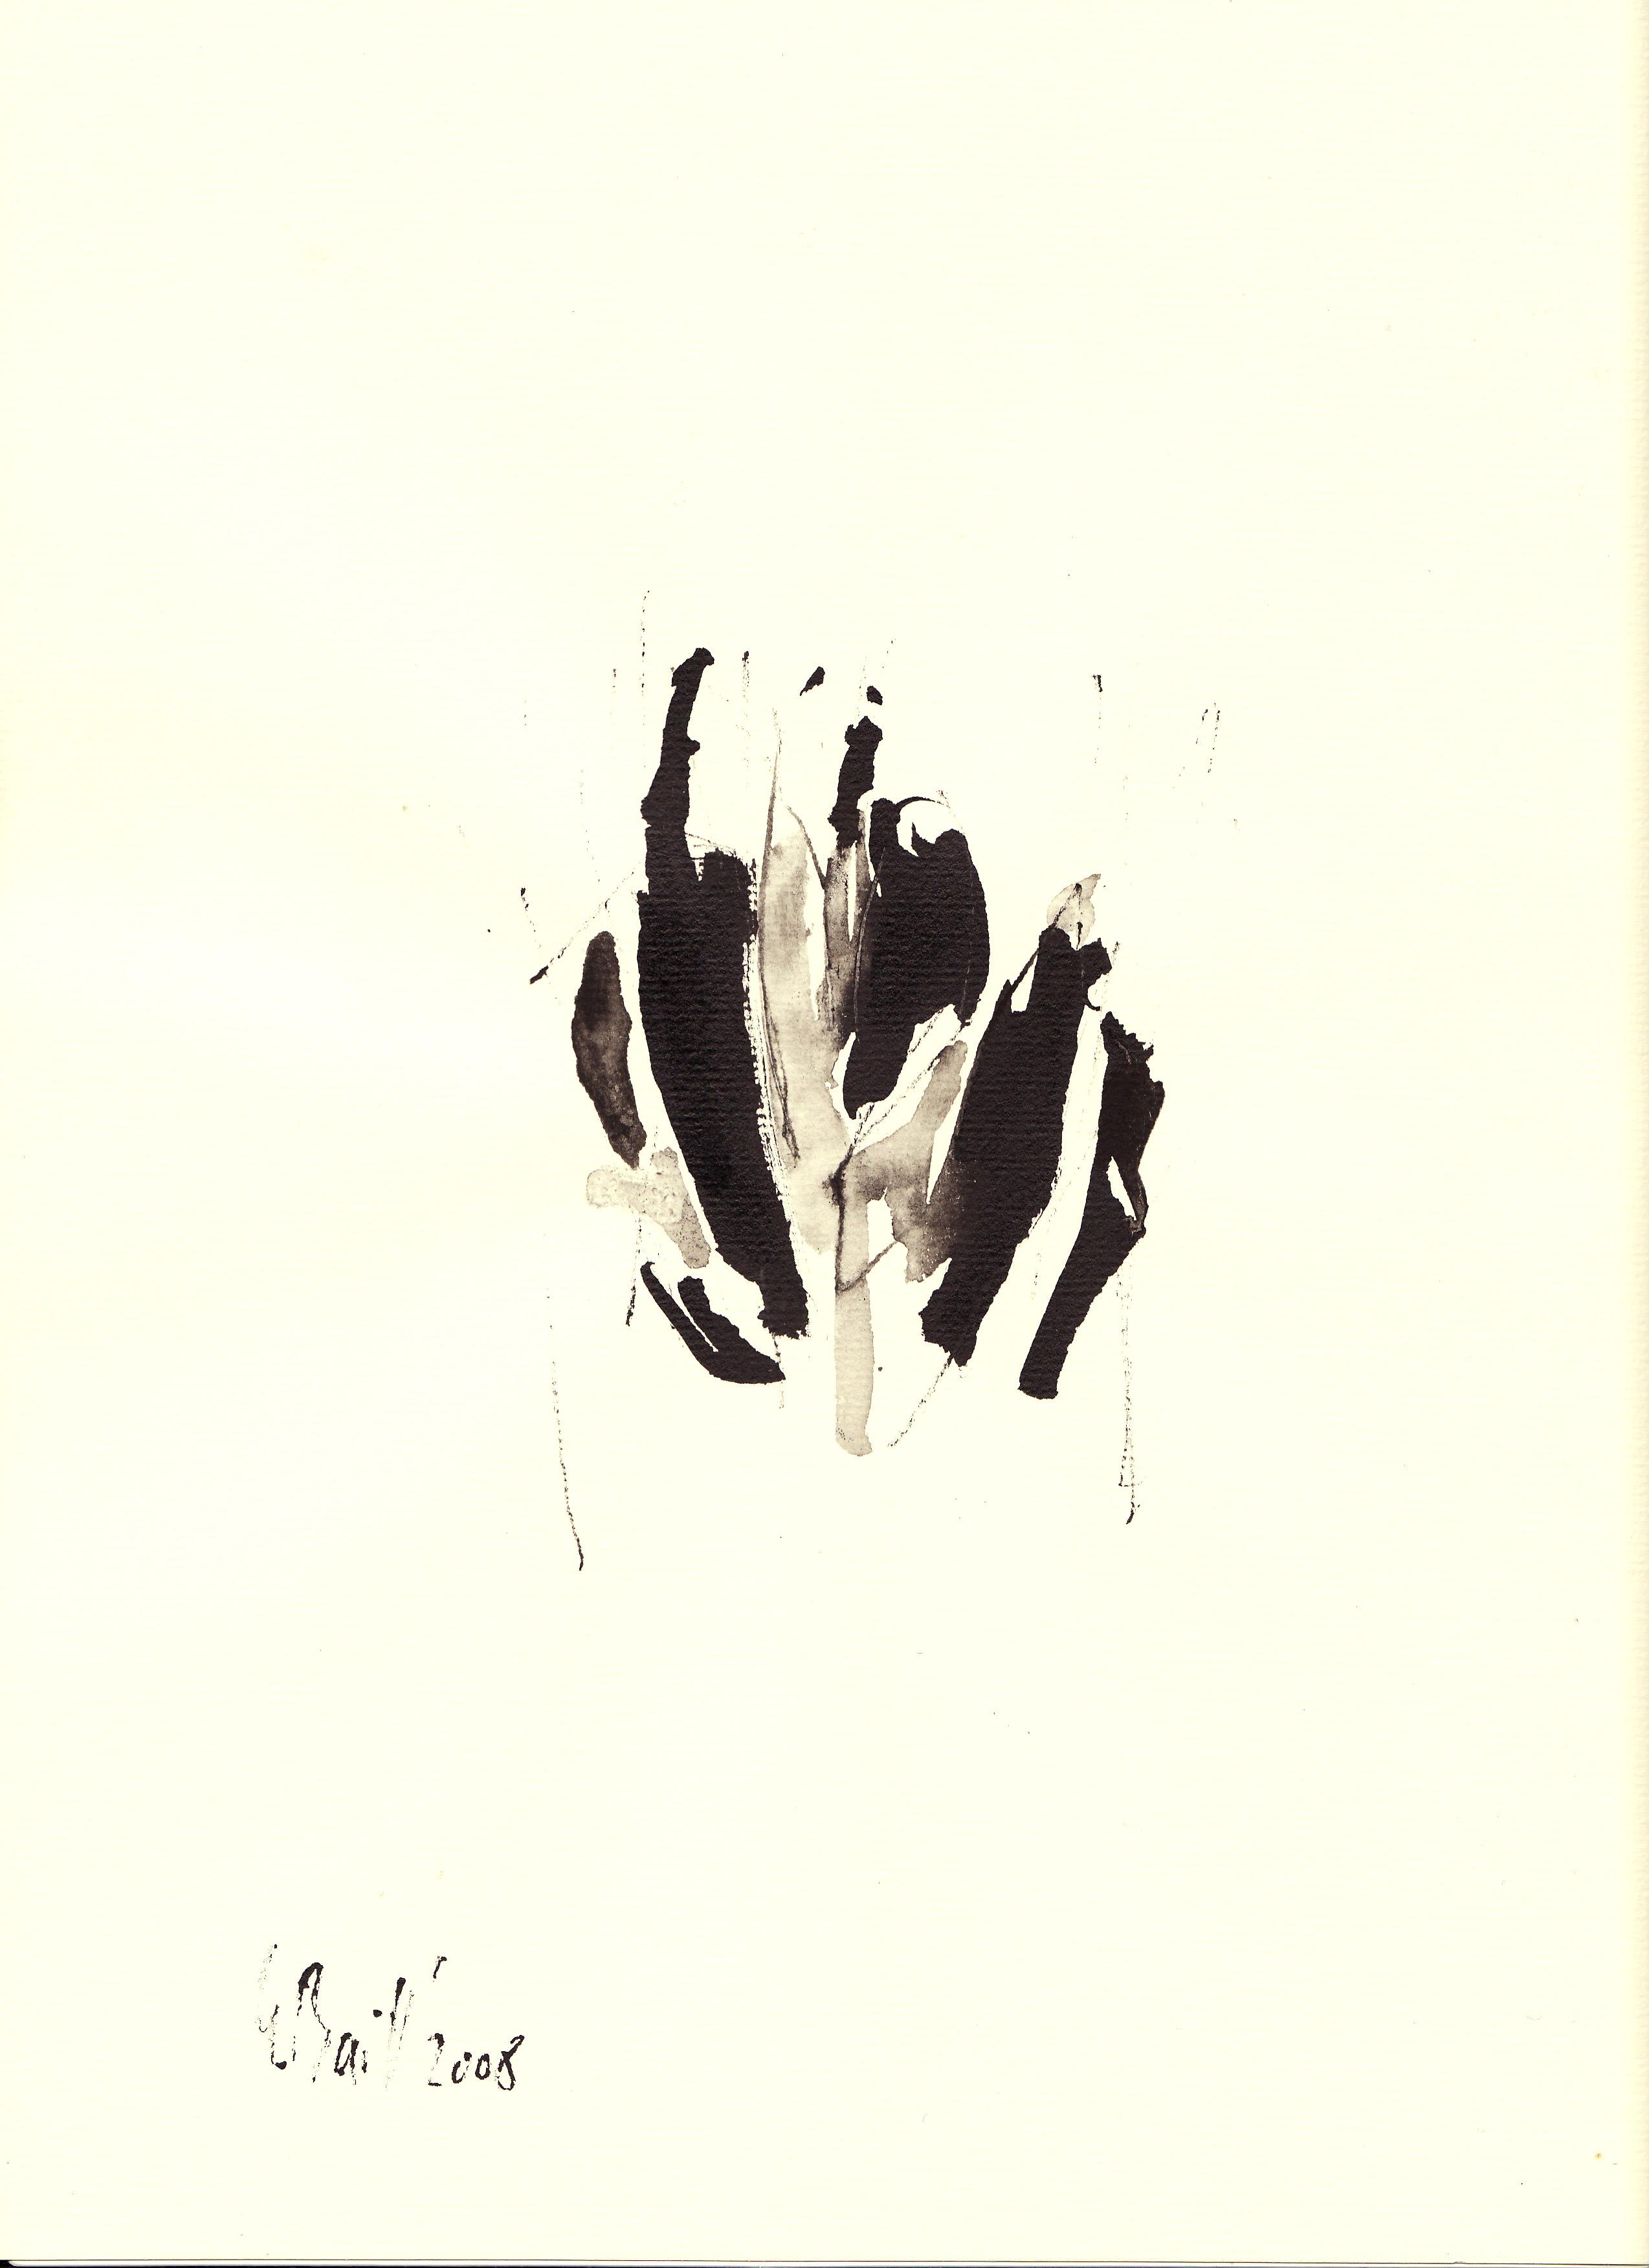 Encre 3